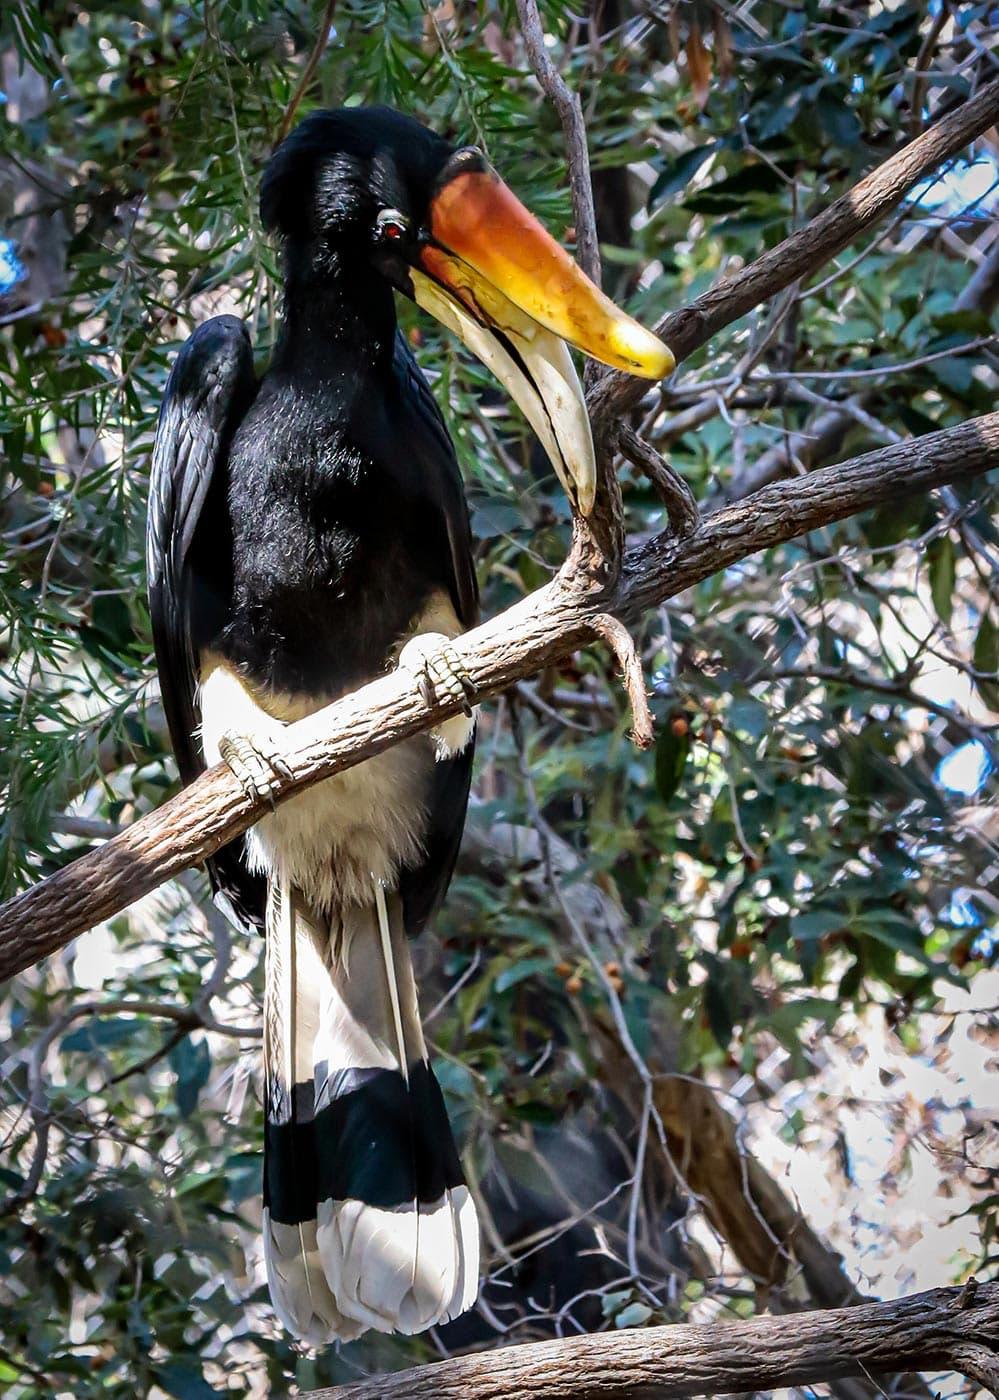 Rhinoceros hornbill in tree